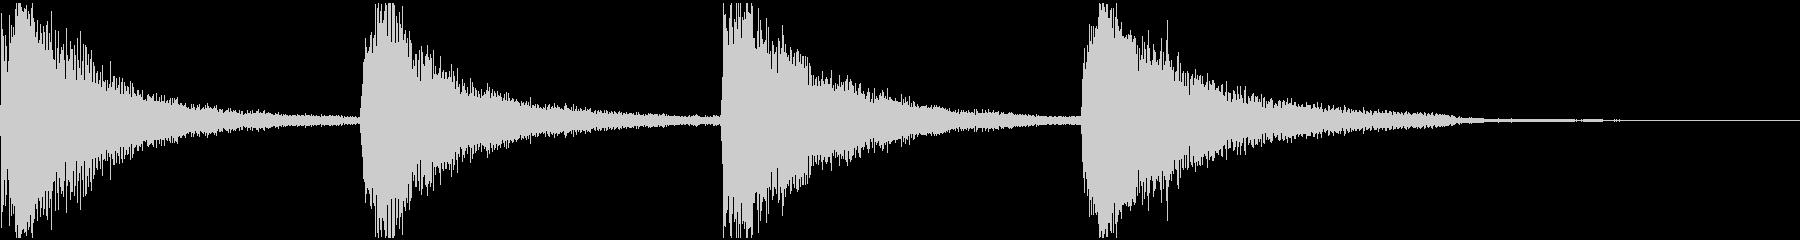 不気味なホラー系の効果音の未再生の波形